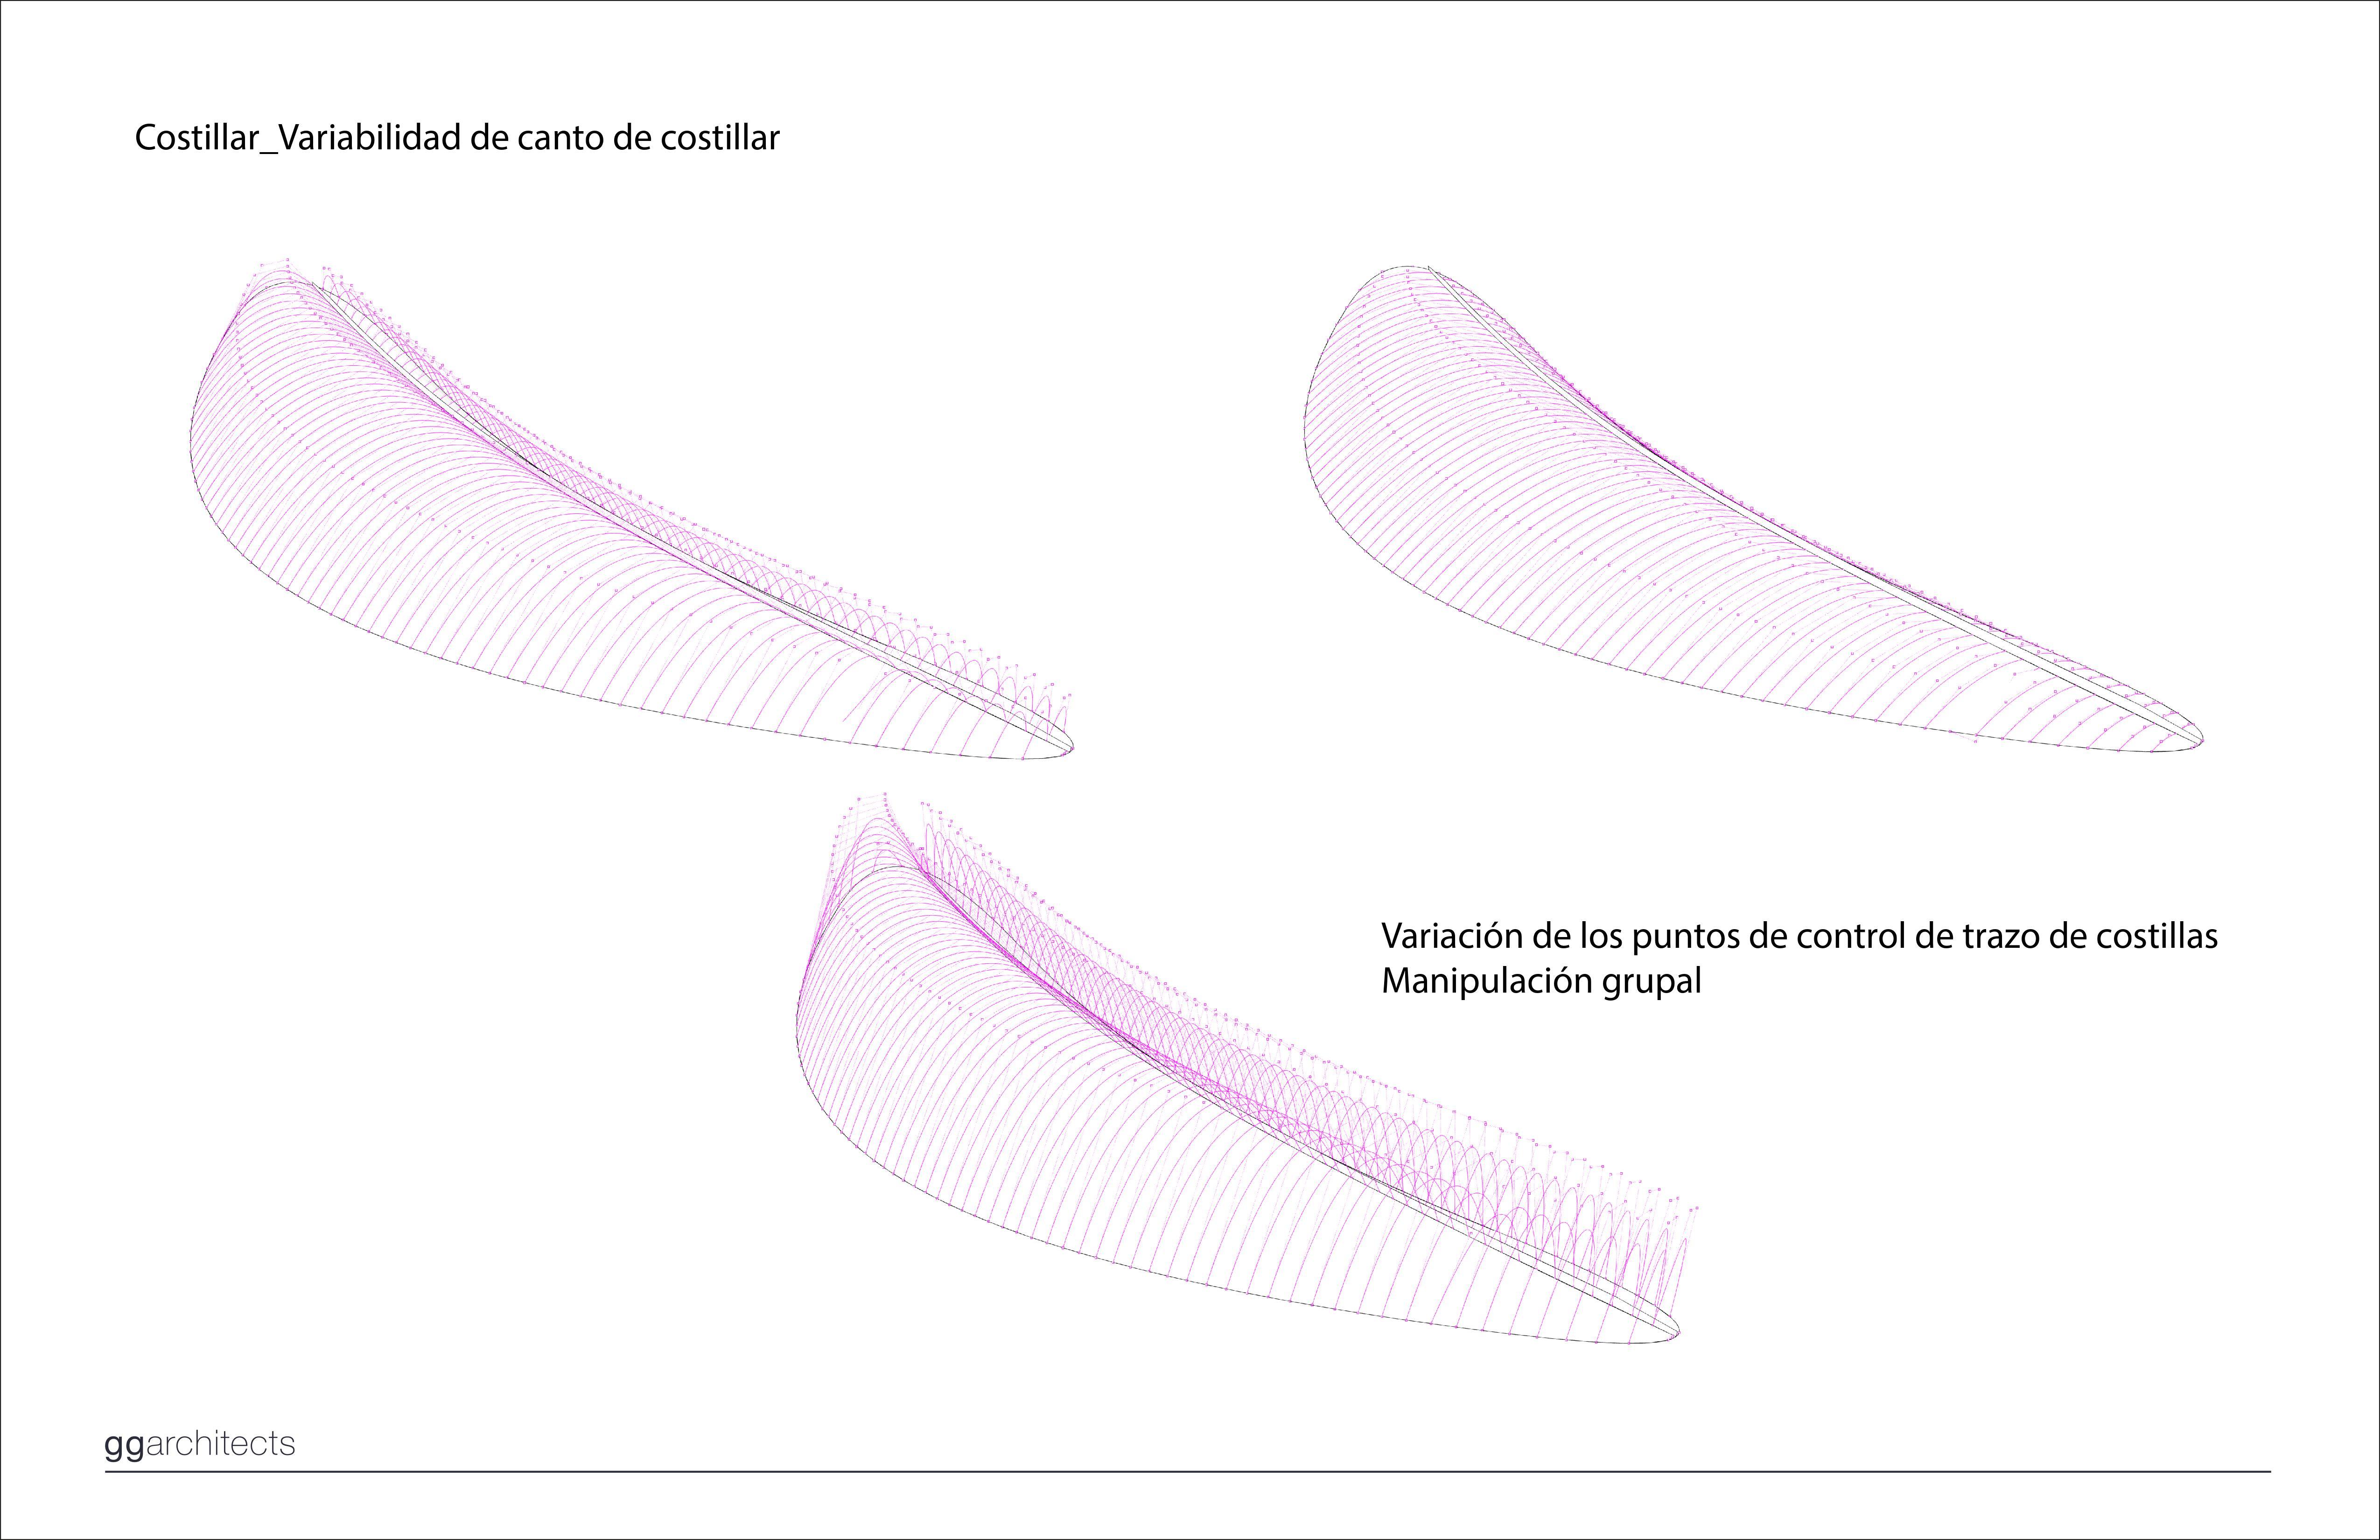 herramienta de diseño paramétrico